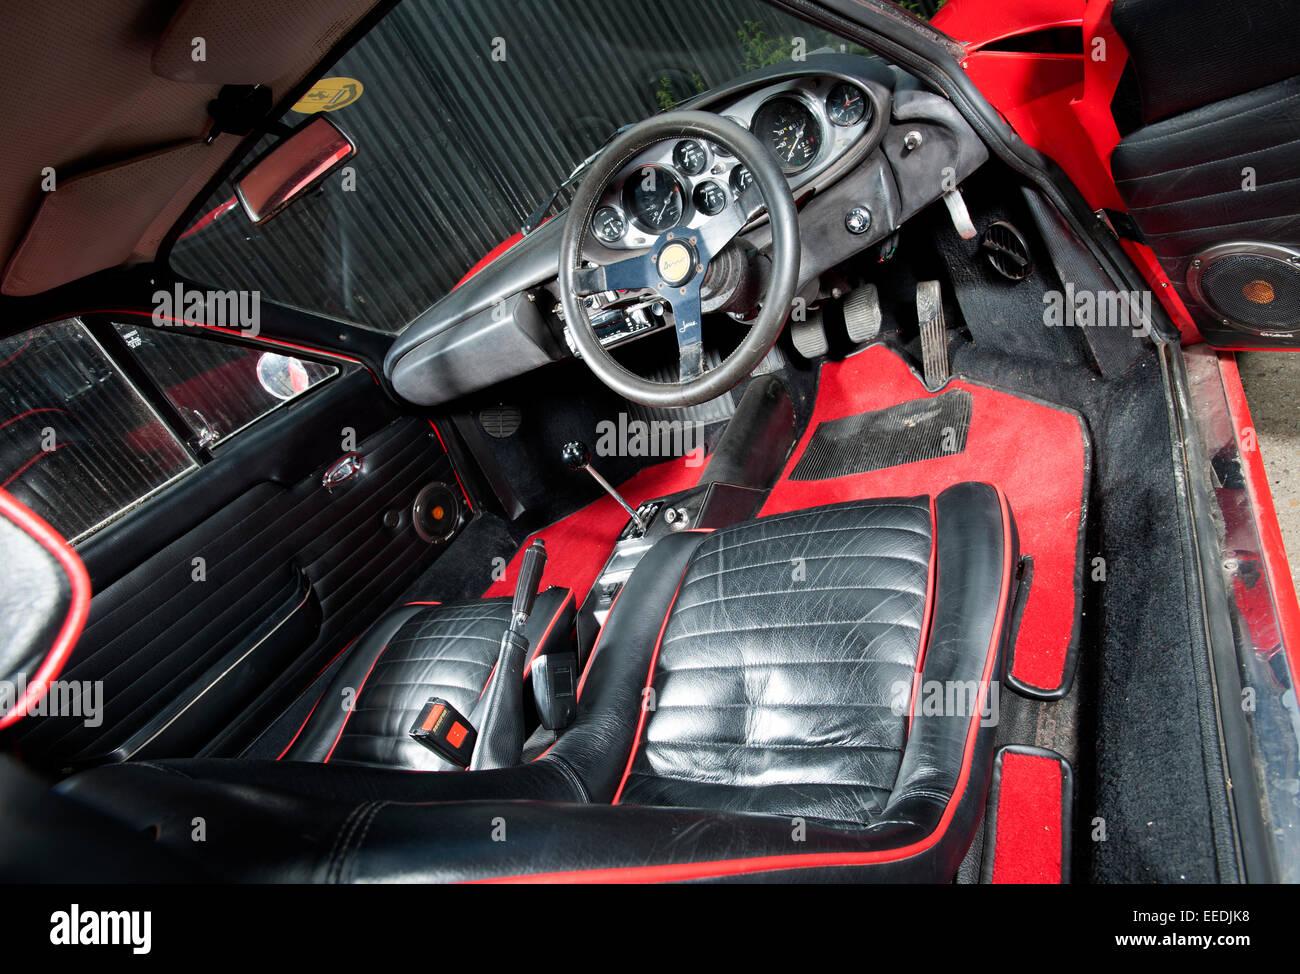 Ferrari Dino classic Italian car interior - Stock Image